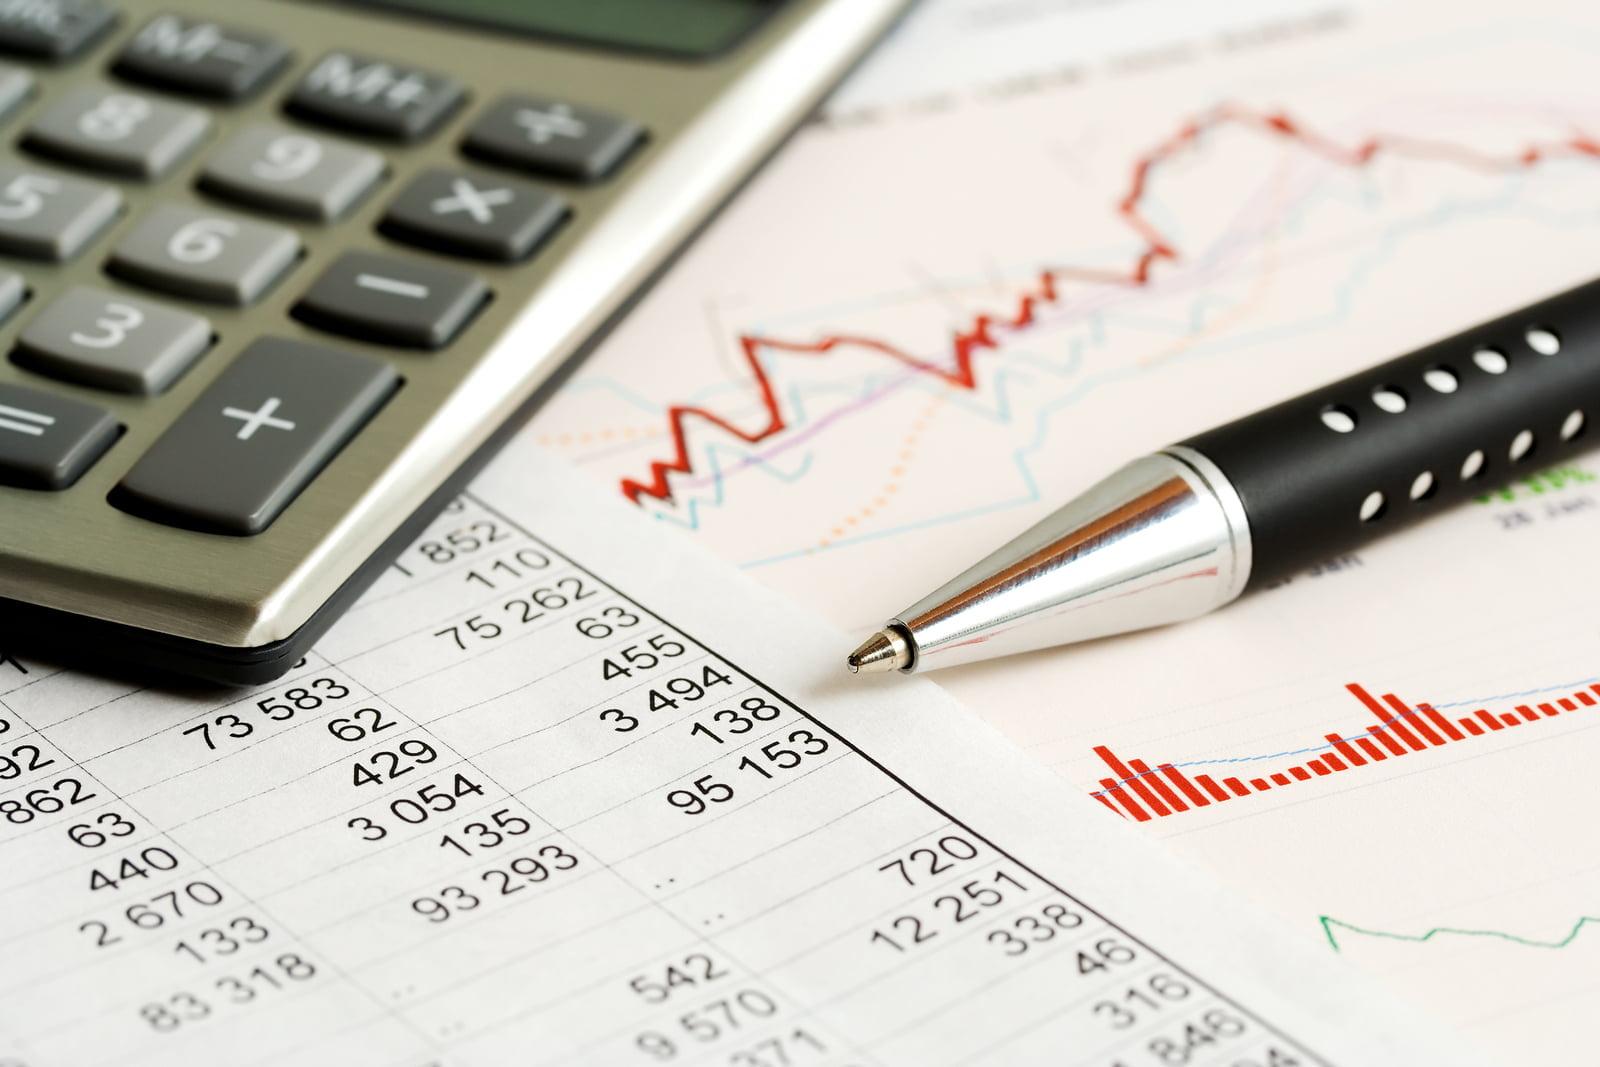 Kvalifikācijas celšanas kurss grāmatvežiem Rīgā – Grāmatvedības kārtošana saskaņā ar Gada pārskatu un konsolidēto gada pārskatu likumu un MK noteikumiem, kas to skaidro, UIN deklarēšana saskaņā ar Uzņēmuma ienākuma nodokļa likumu (30 māc.st.)